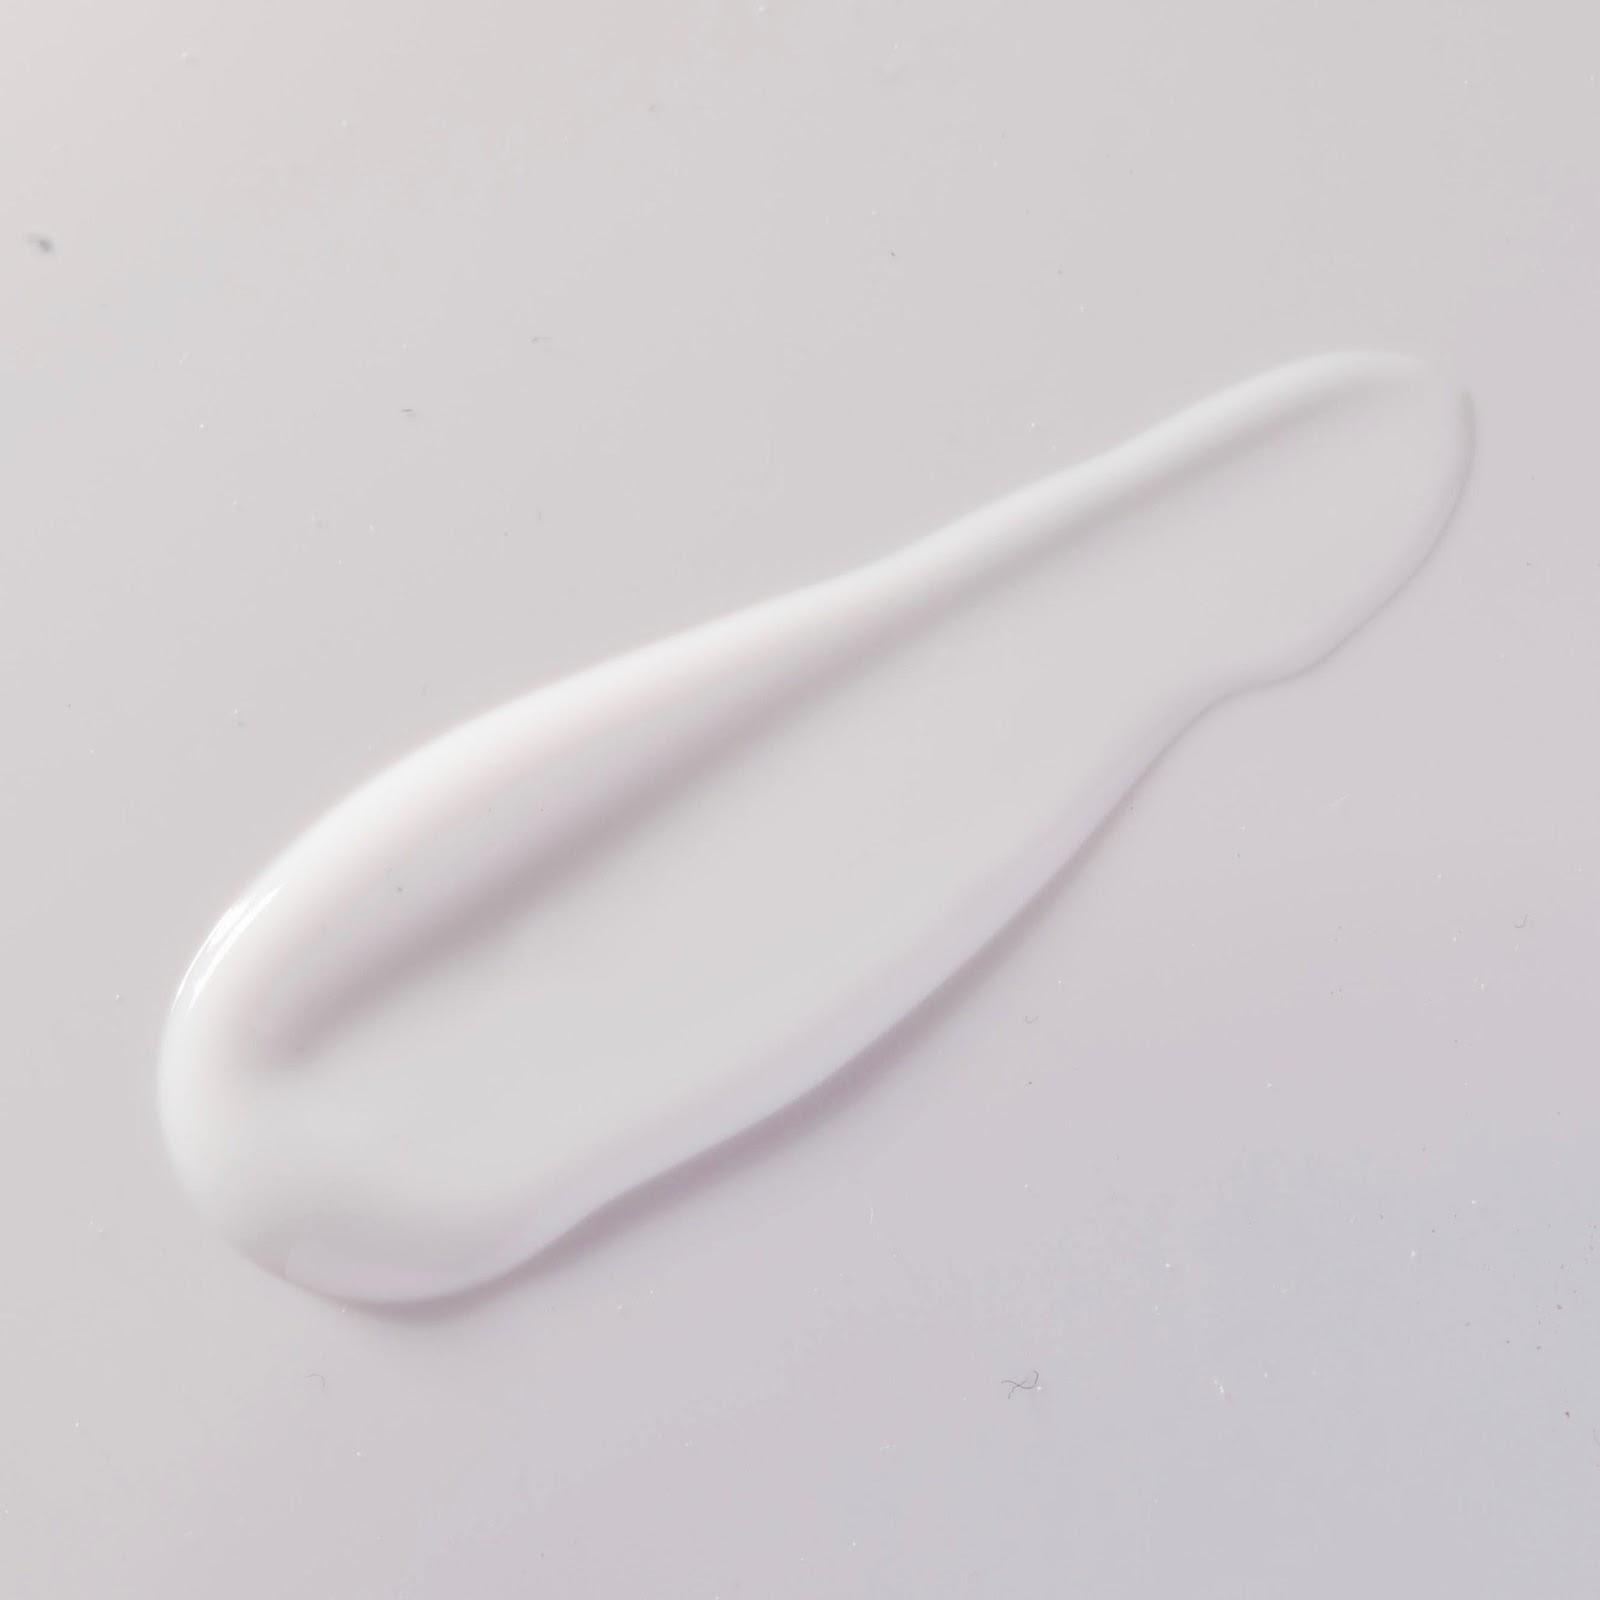 消毒も保湿もこれ1本で叶う♡ 『薬用 消毒ハンドミルク』を徹底レポ!の画像